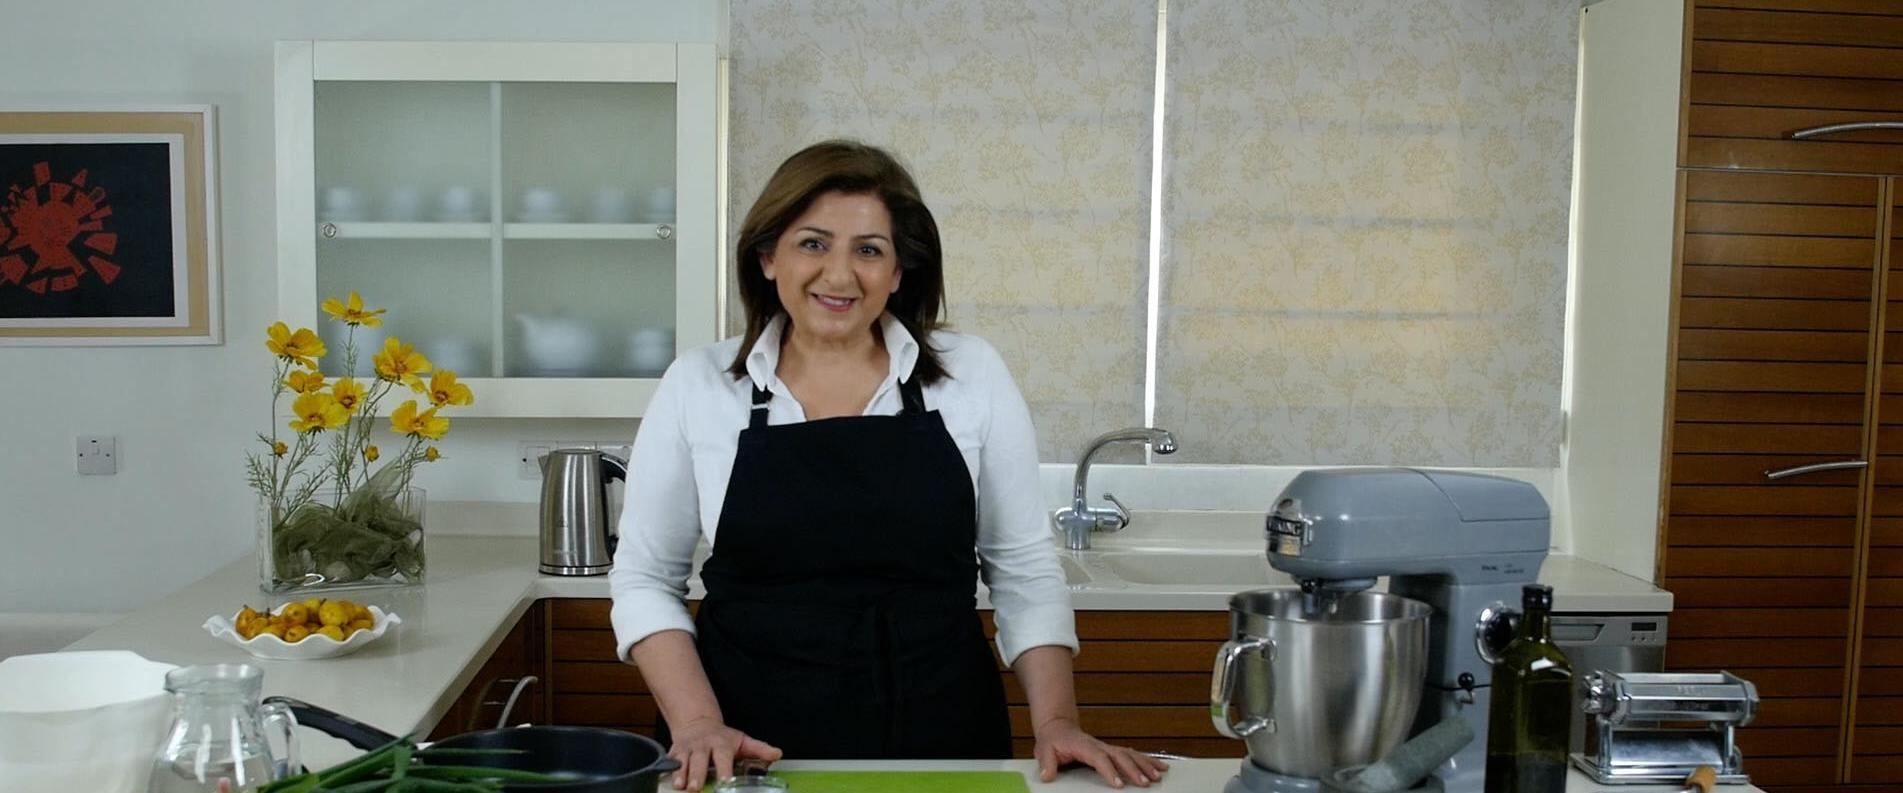 Кипрская кухня с Мариленой: Спанакопита — рулеты со шпинатом